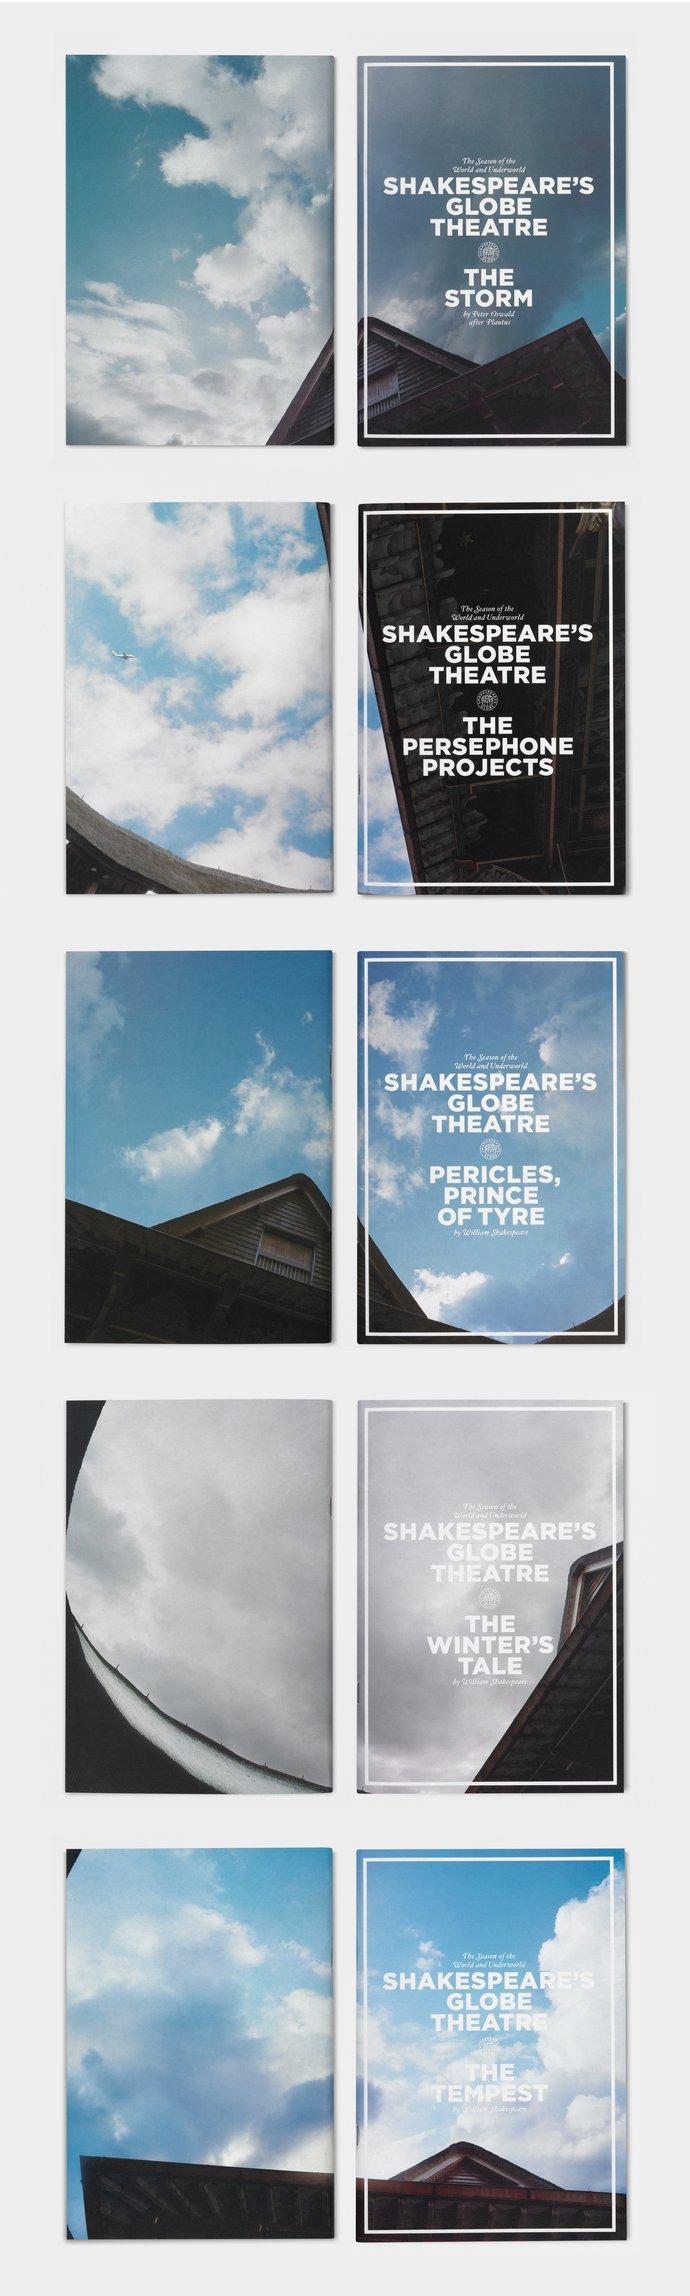 Shakespeare's Globe Theatre – 2005 season, 2004 (Campaign), image 6